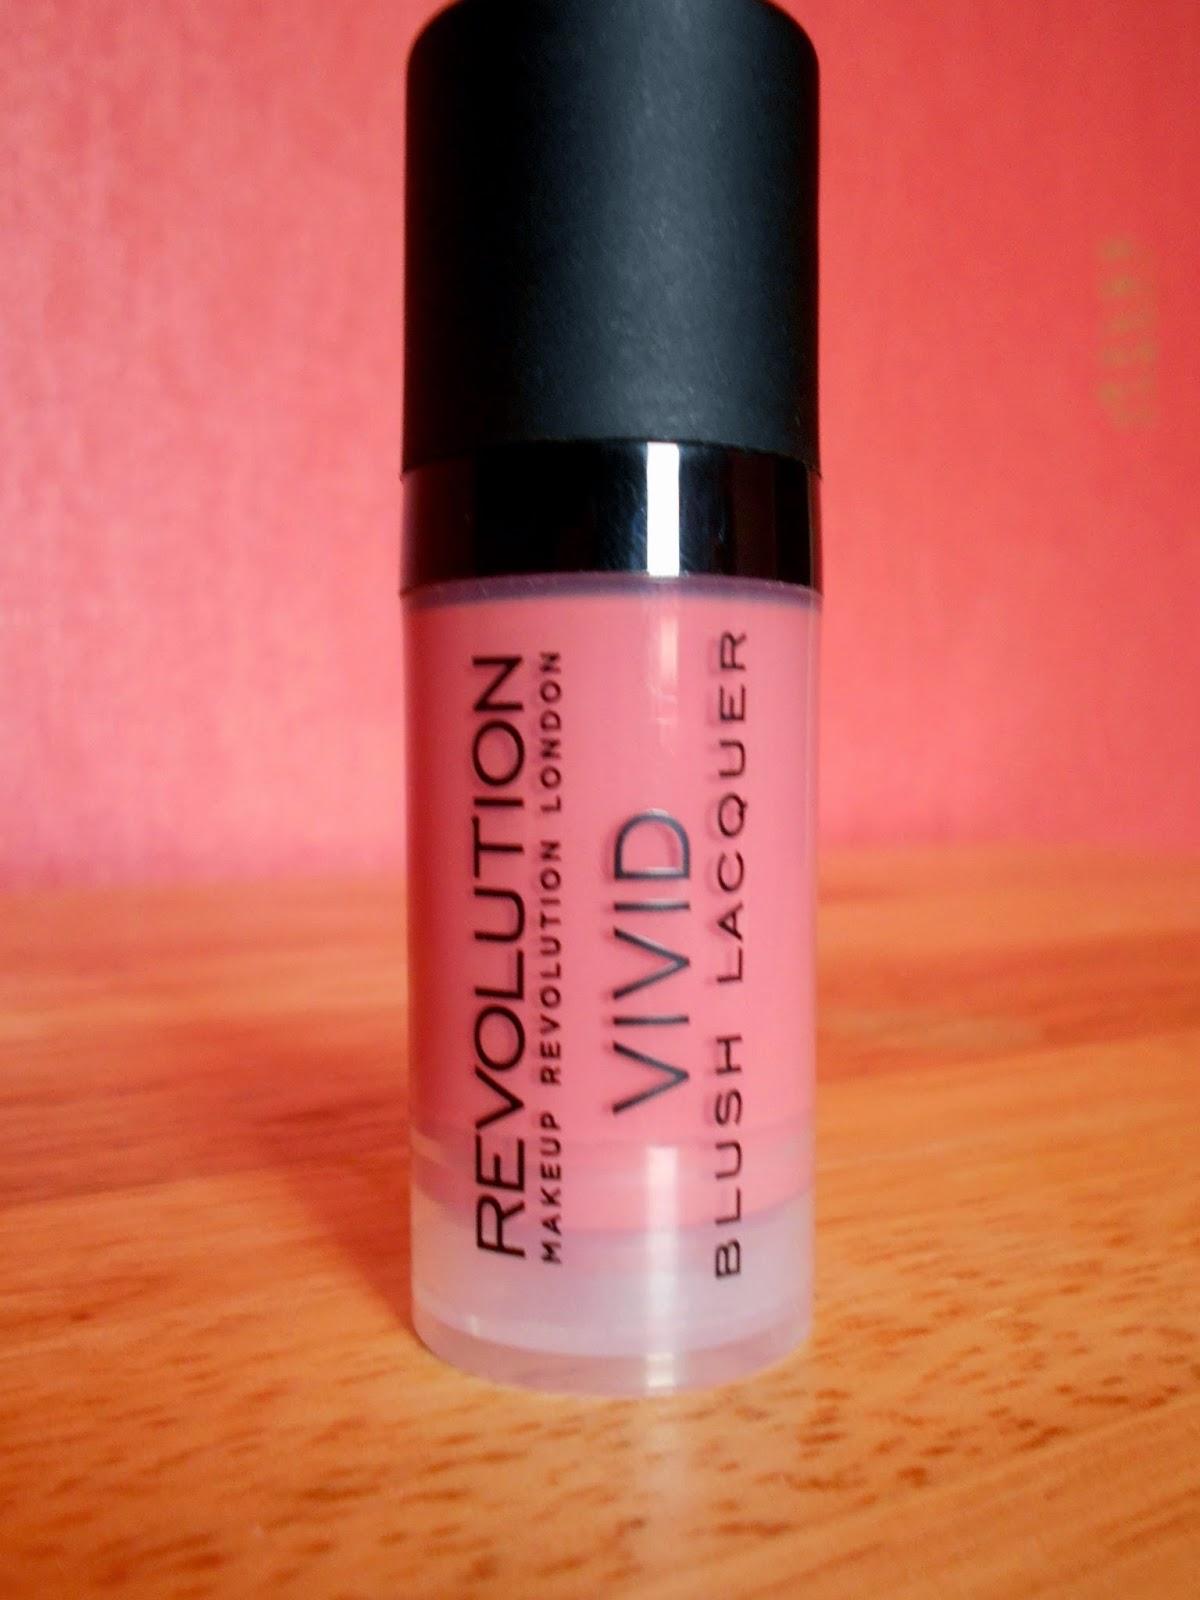 Makeup Revolution Vivid Blush Lacquer - Desire